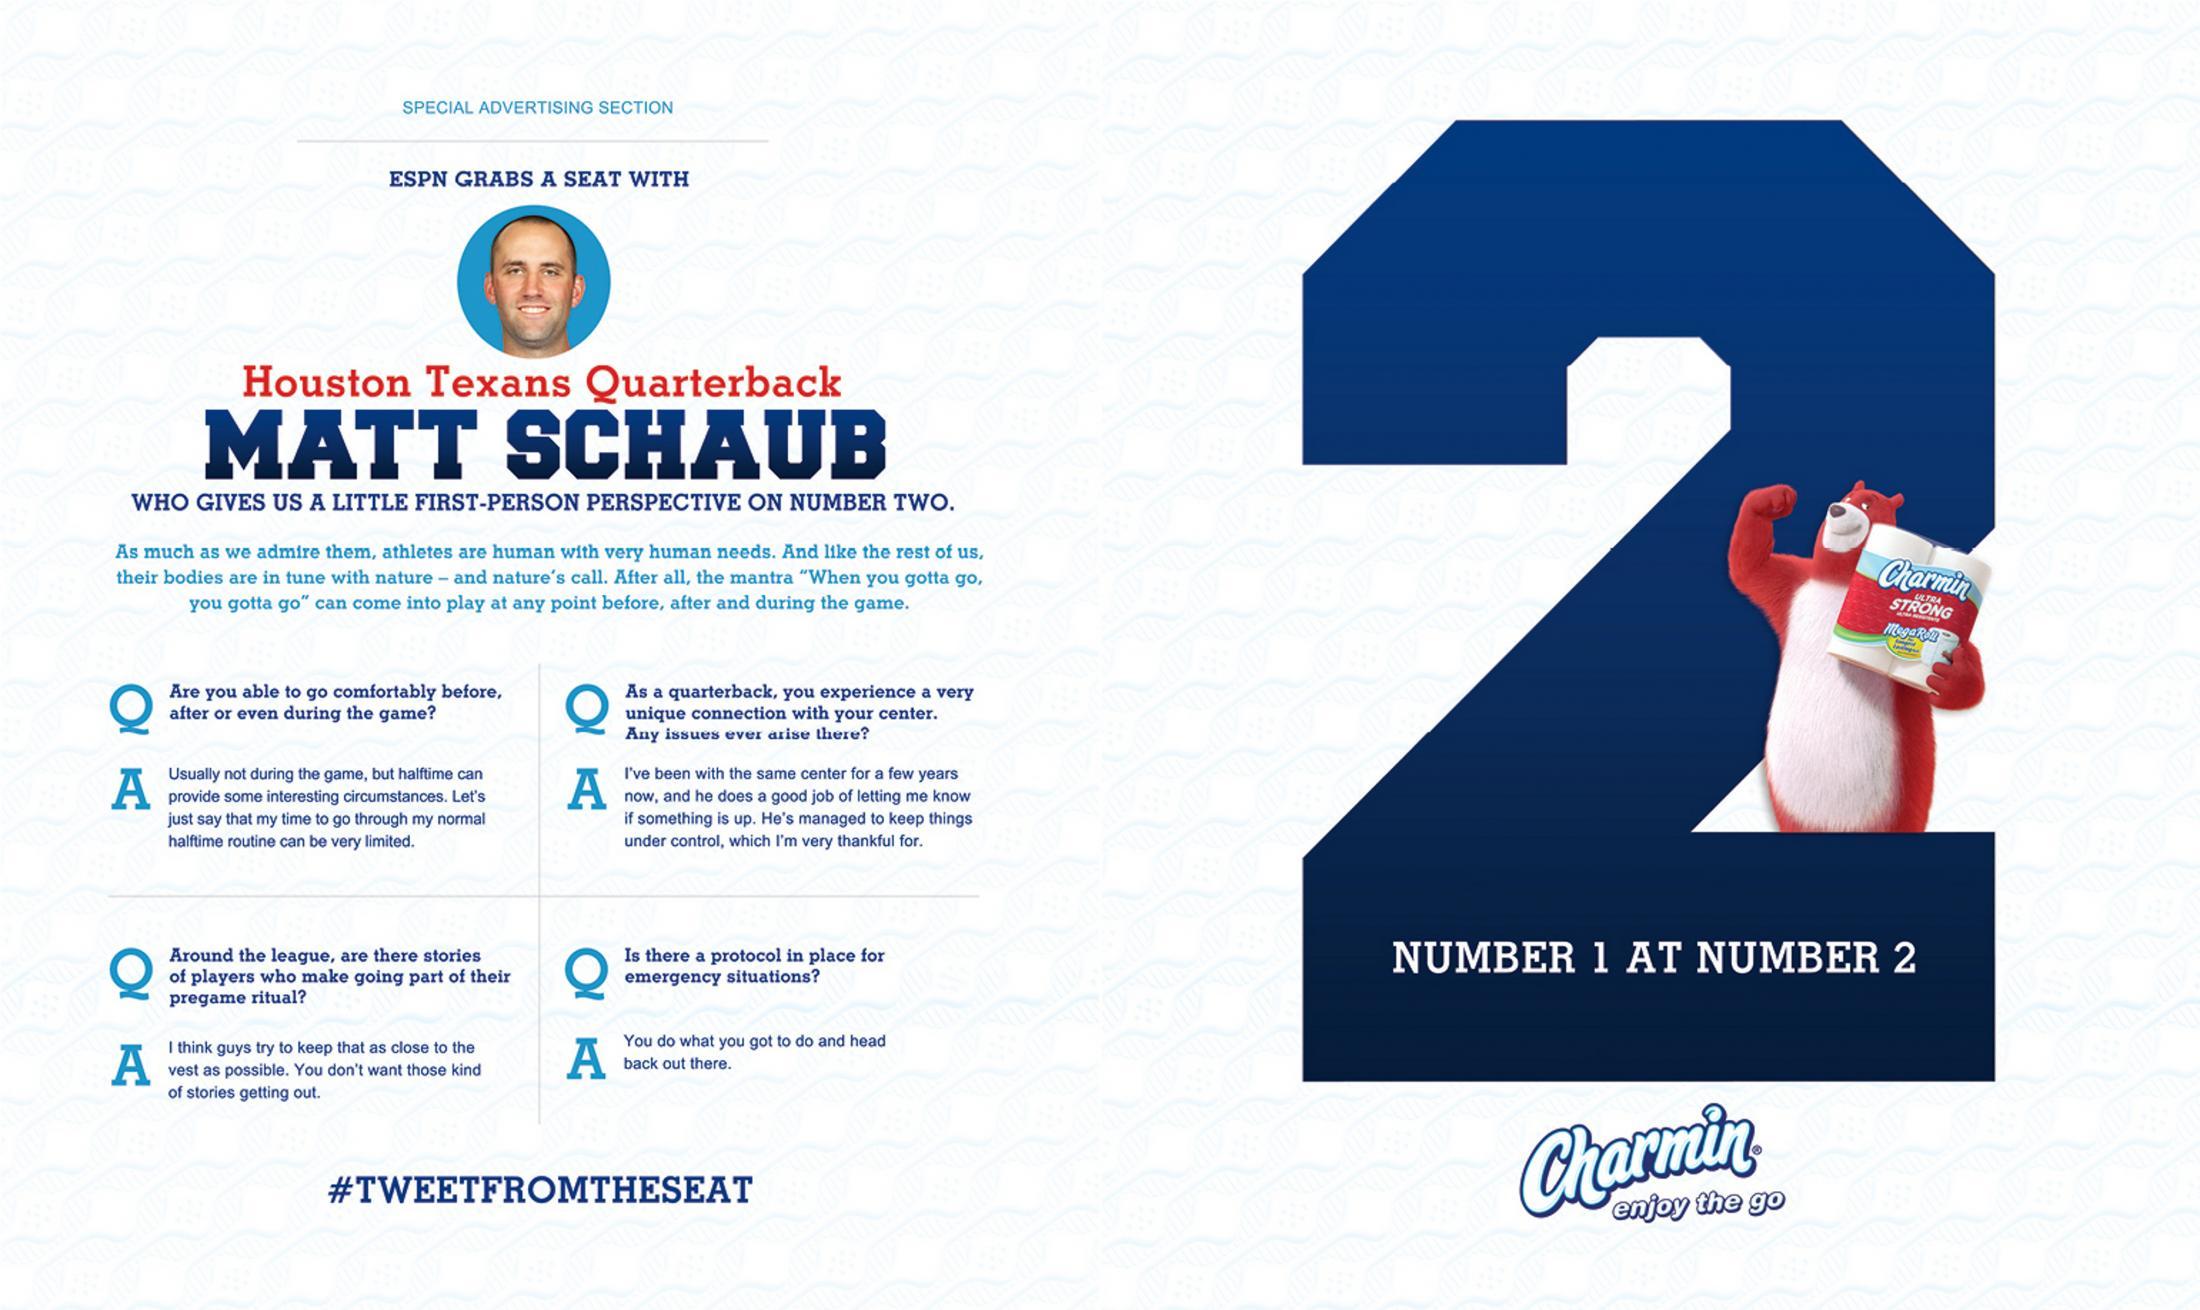 Thumbnail for ESPN Grabs A Seat With Matt Schaub